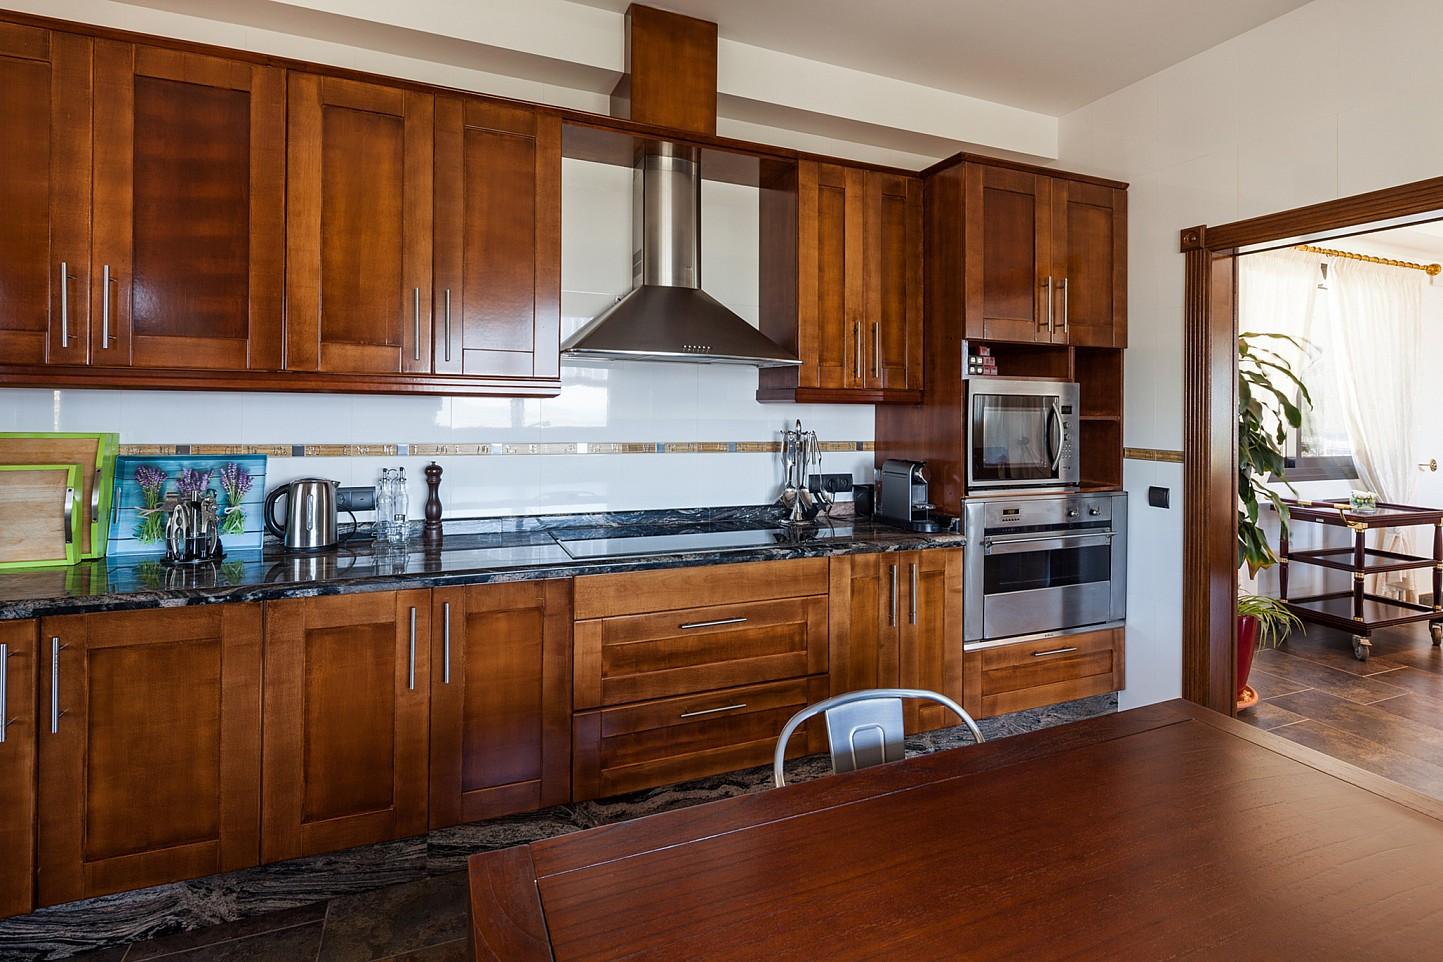 Современная кухня  виллы в аренду в Сан Хосе